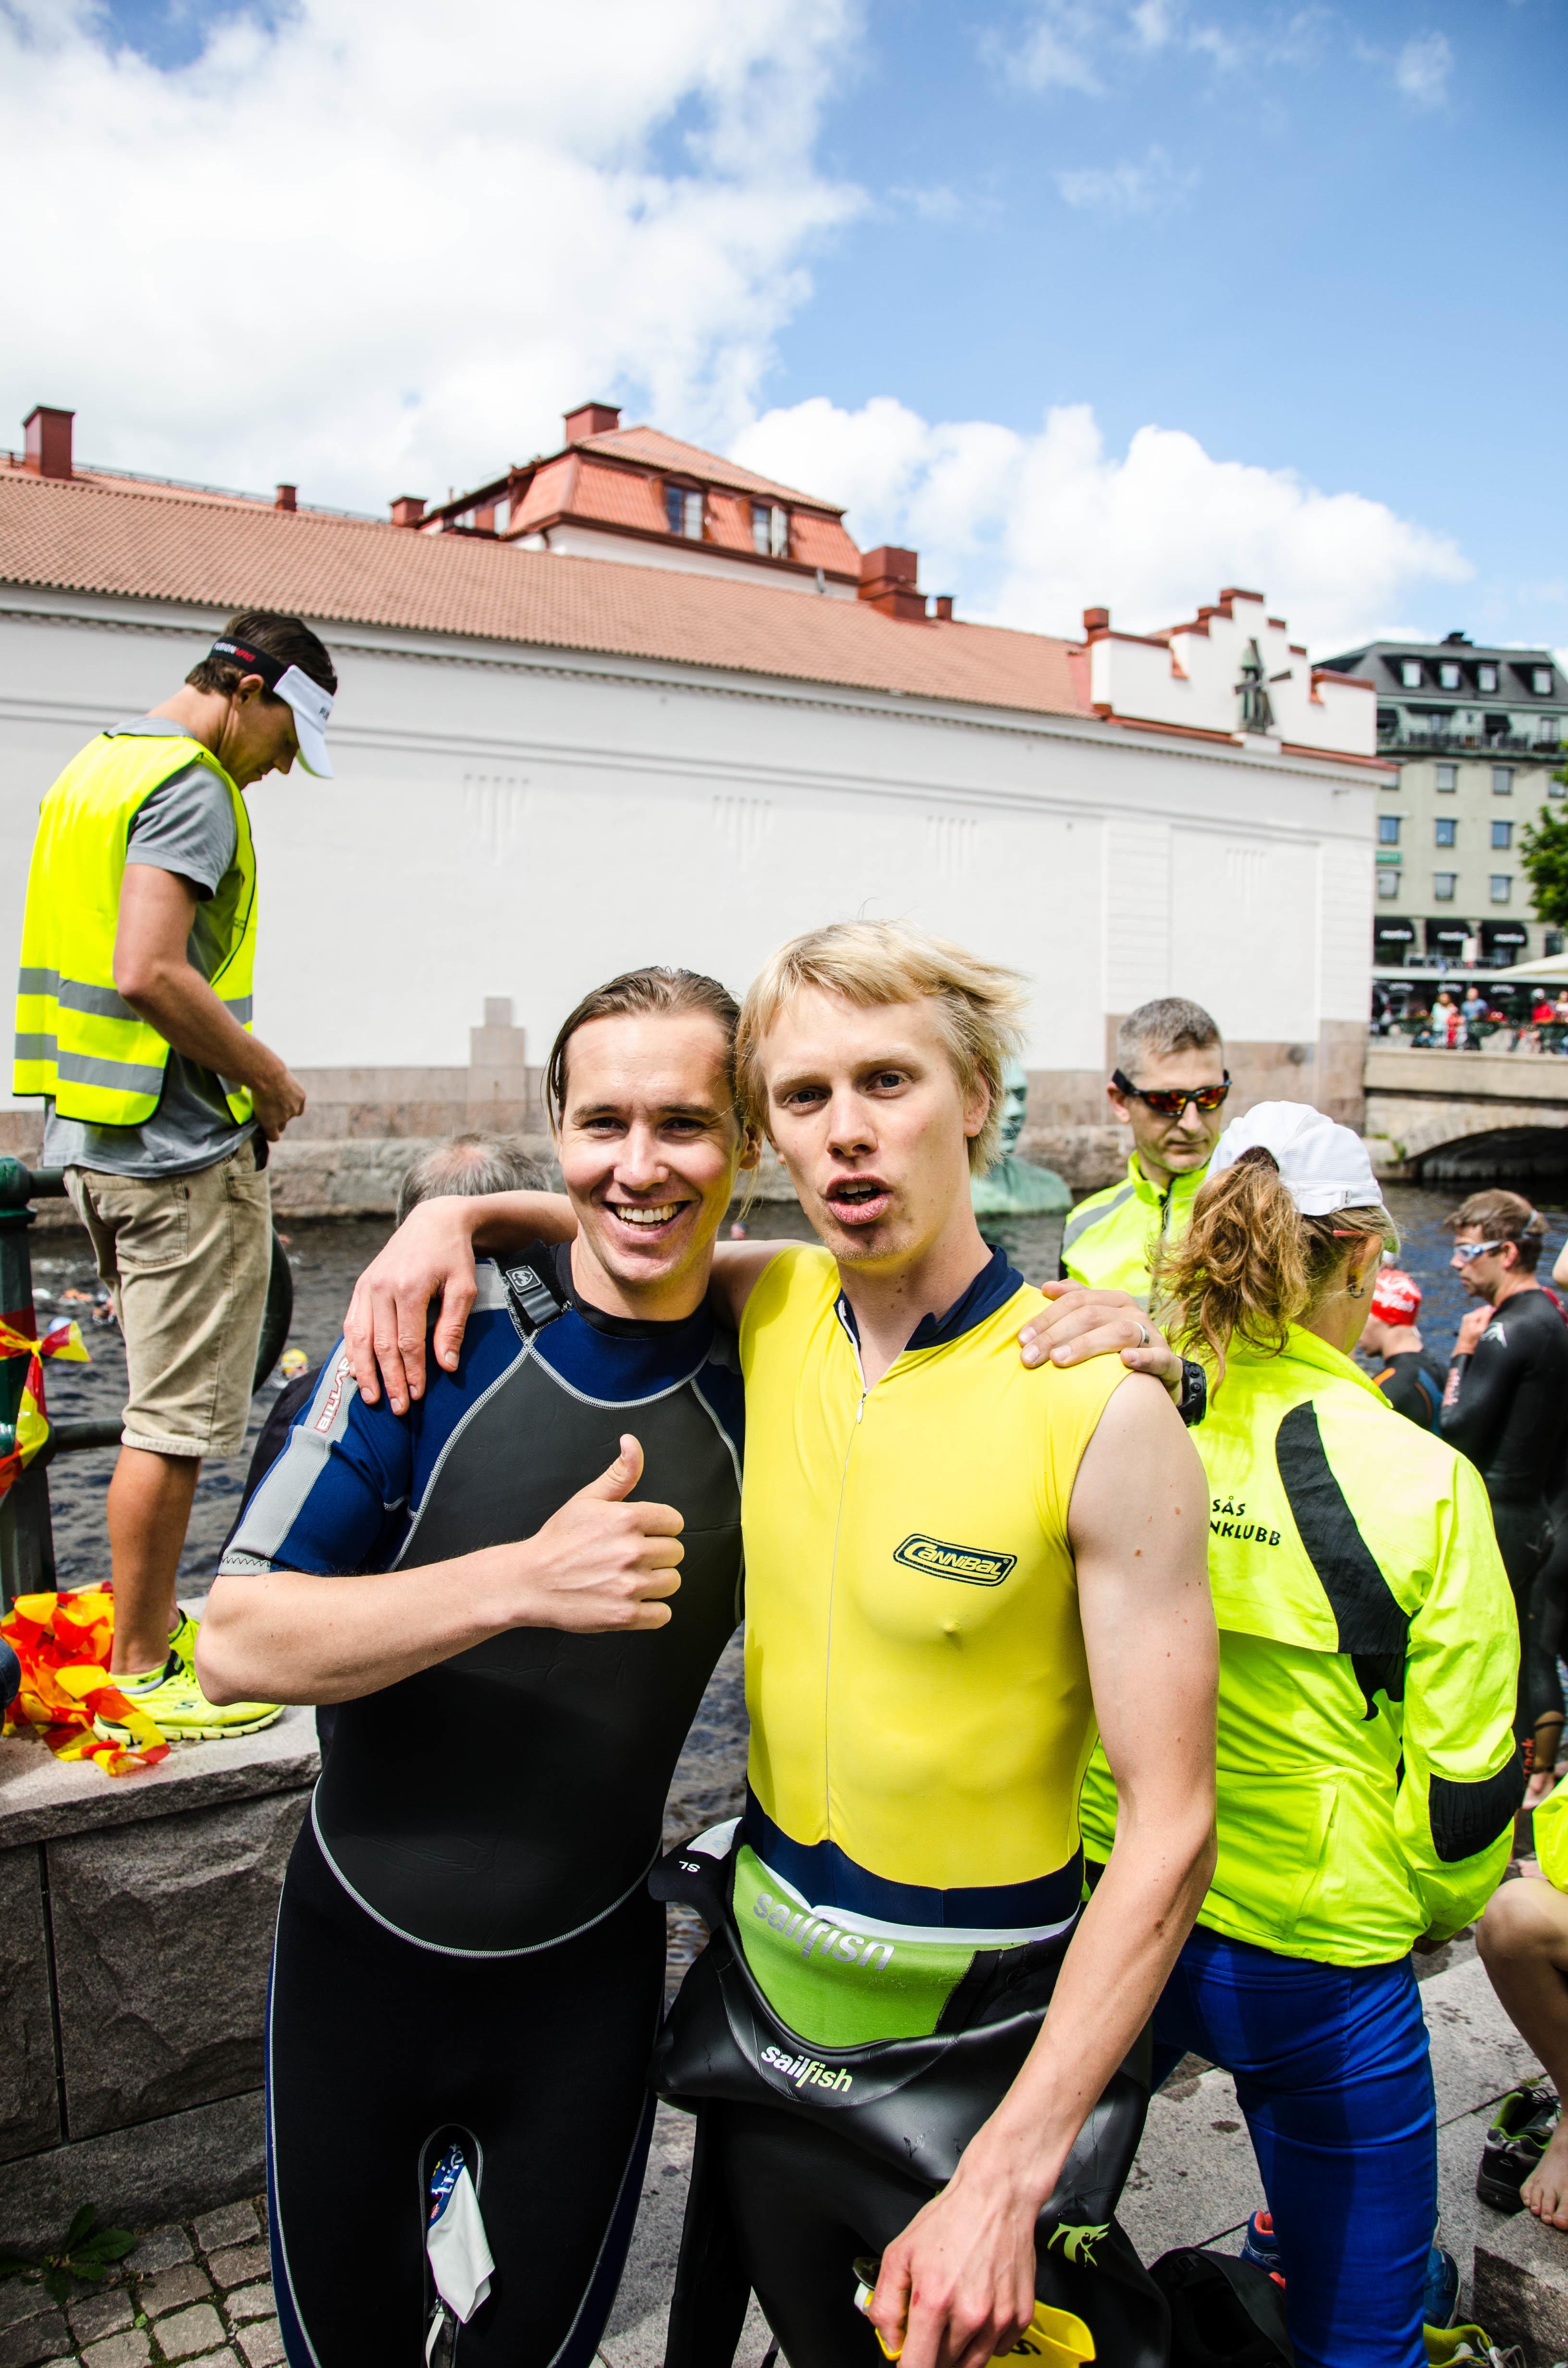 dejtingsidor 2013 Västerås